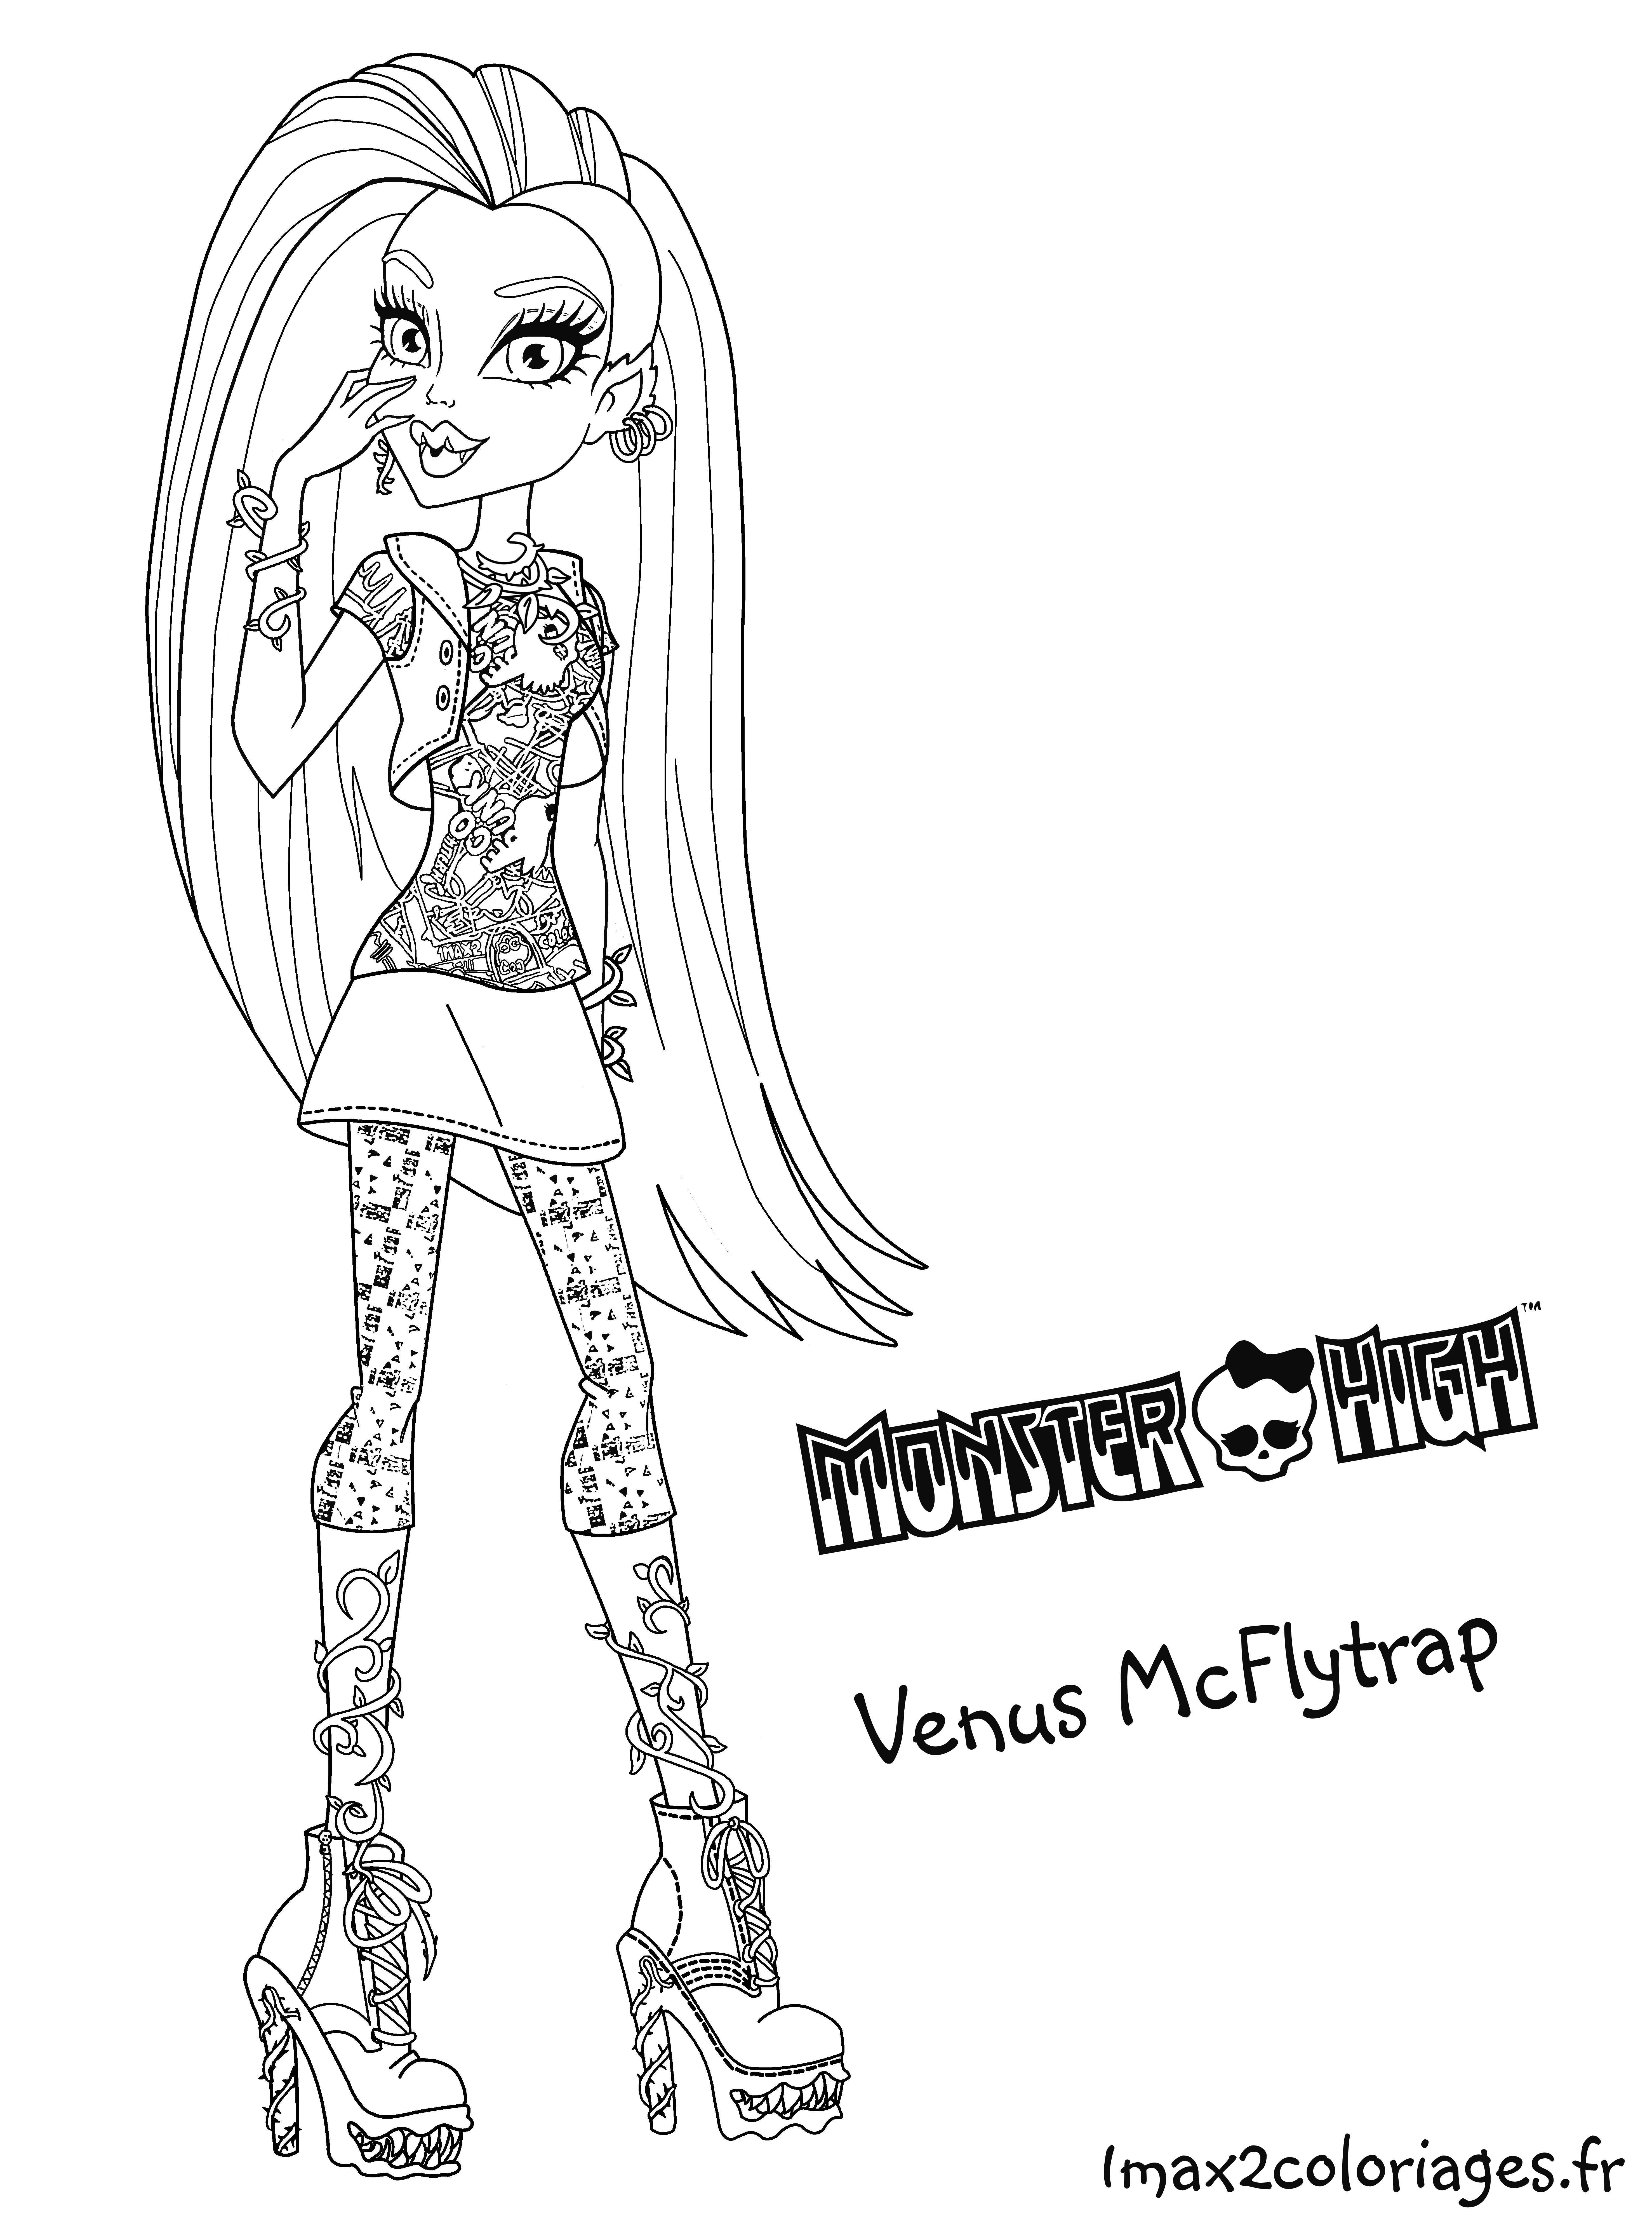 Carte Dinvitation De Fte A Imprimer La Reine Des Neiges concernant Dessin A Imprimer Monster High